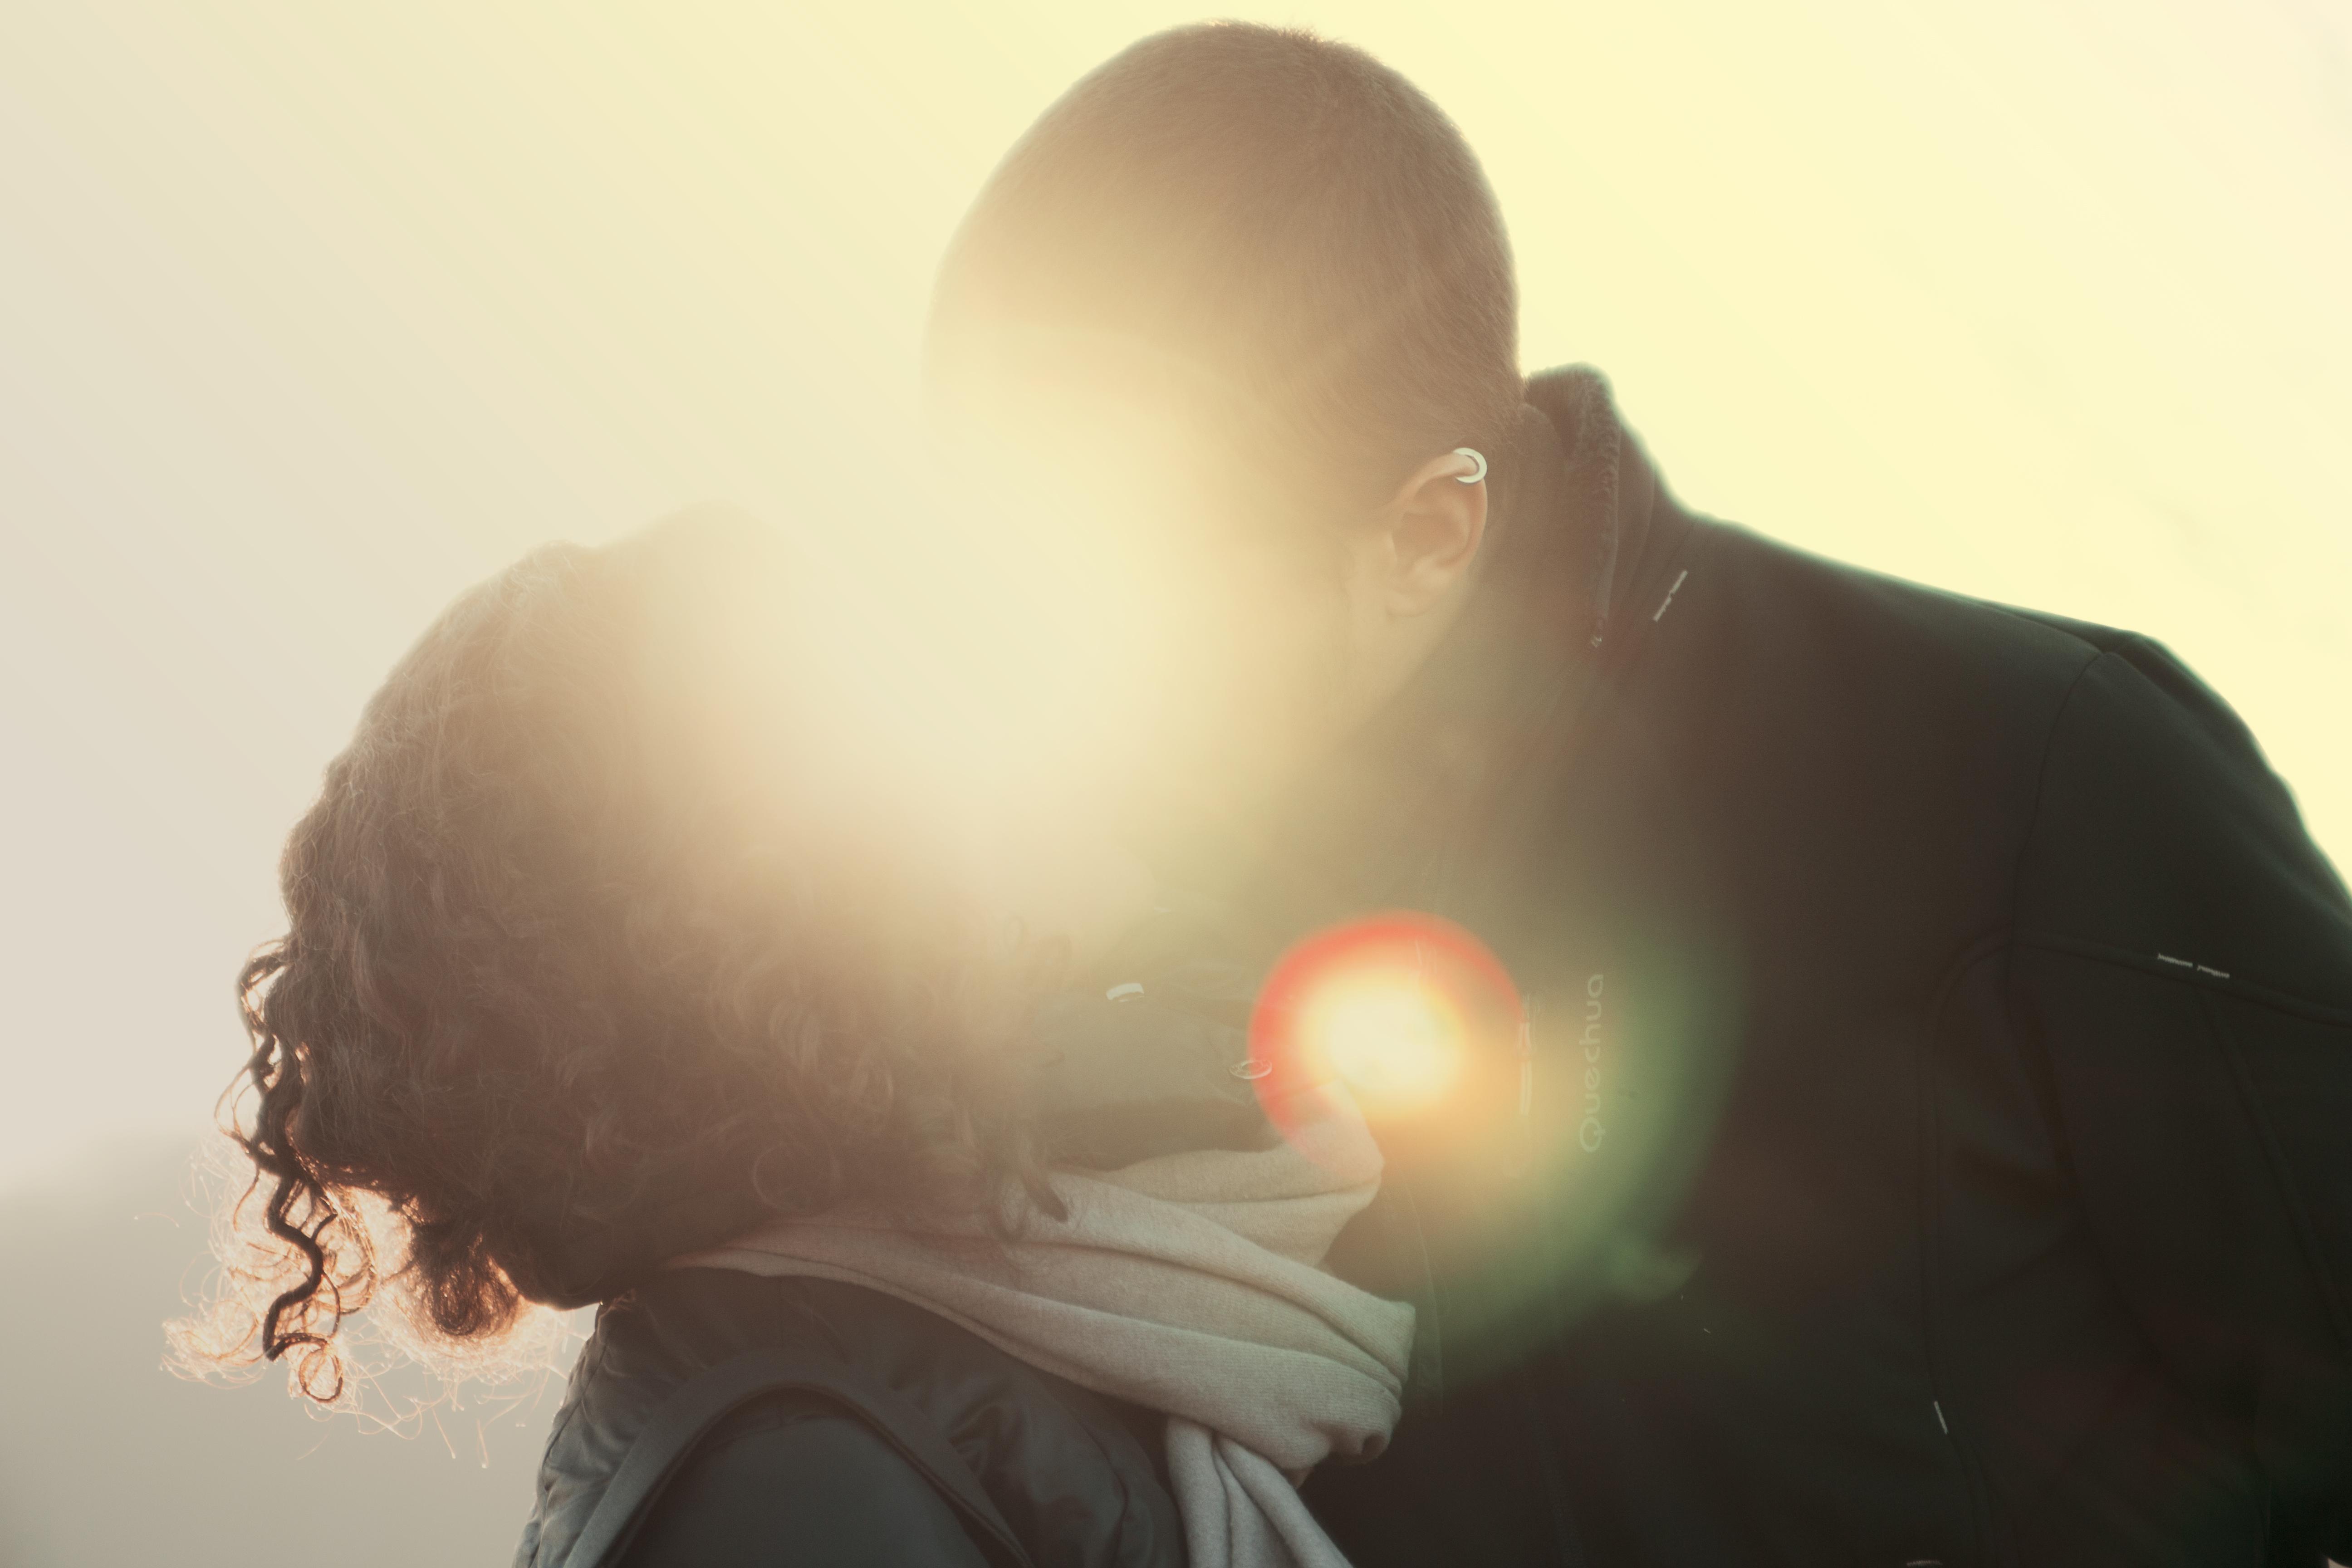 Gli uomini narcisisti: 5 modi per riconoscerli